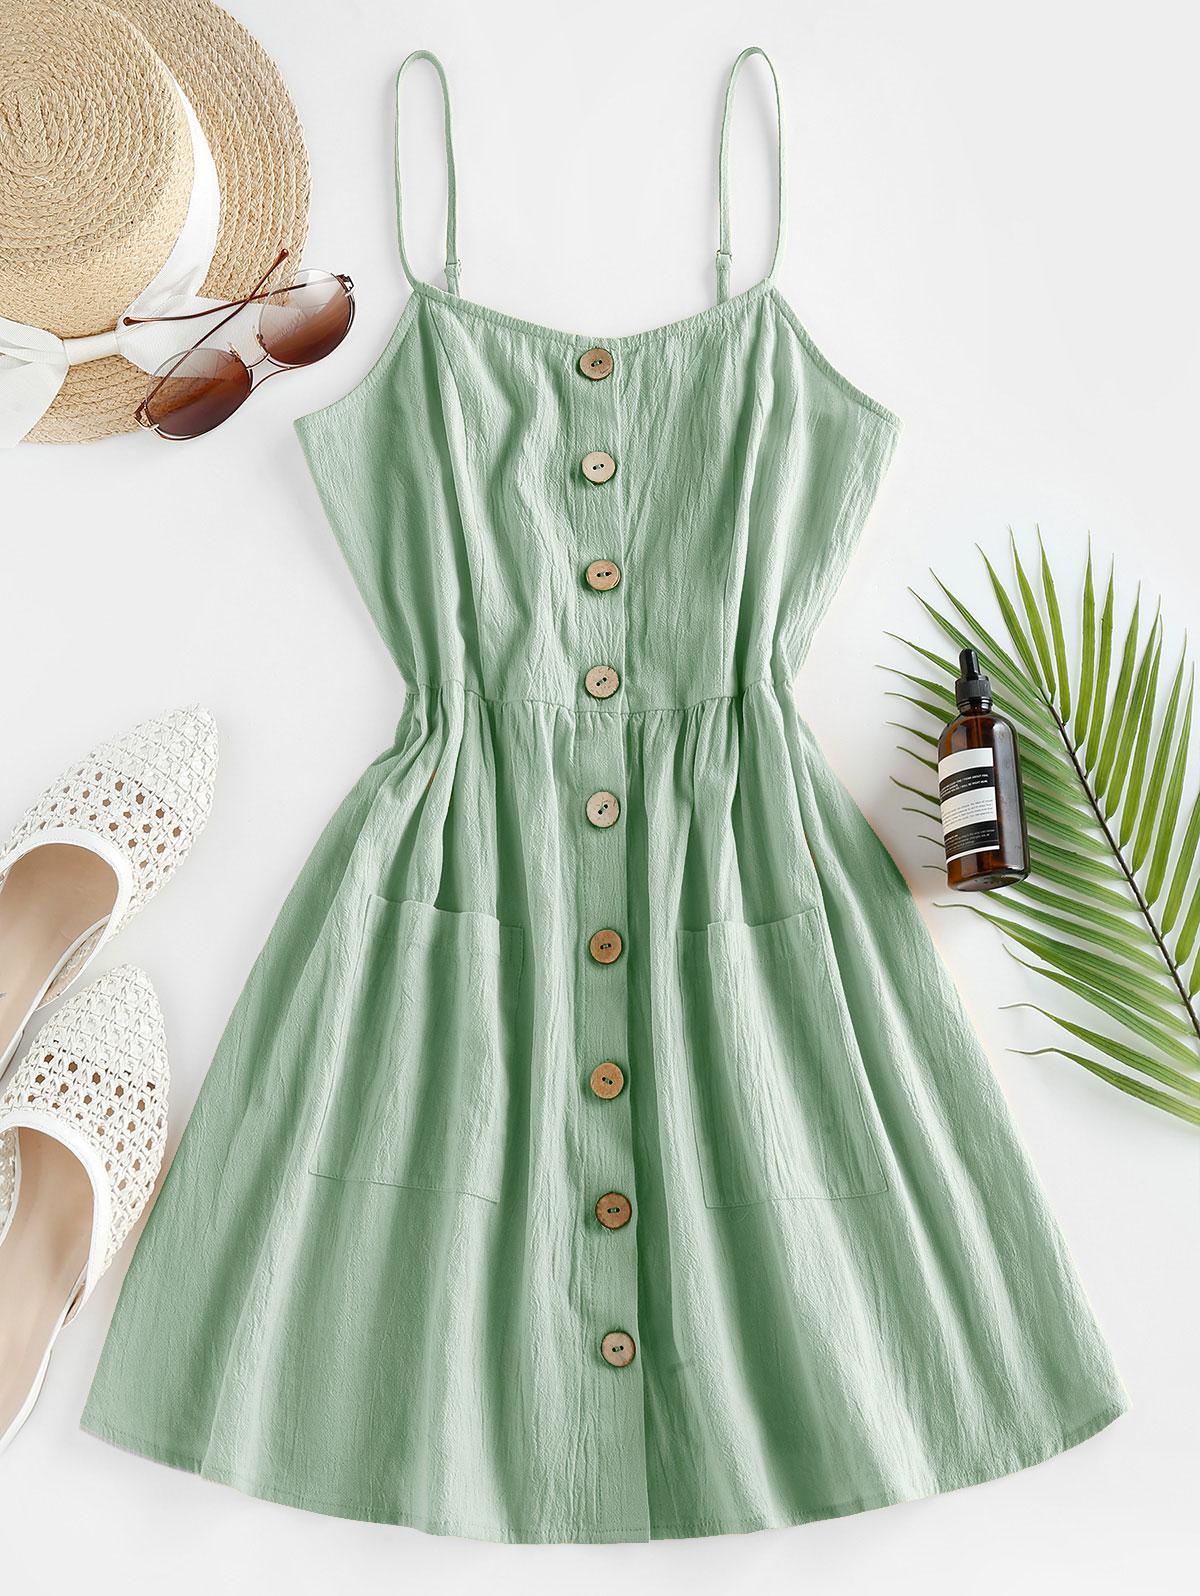 ZAFUL Button Up Shirred Cami Pocket Dress